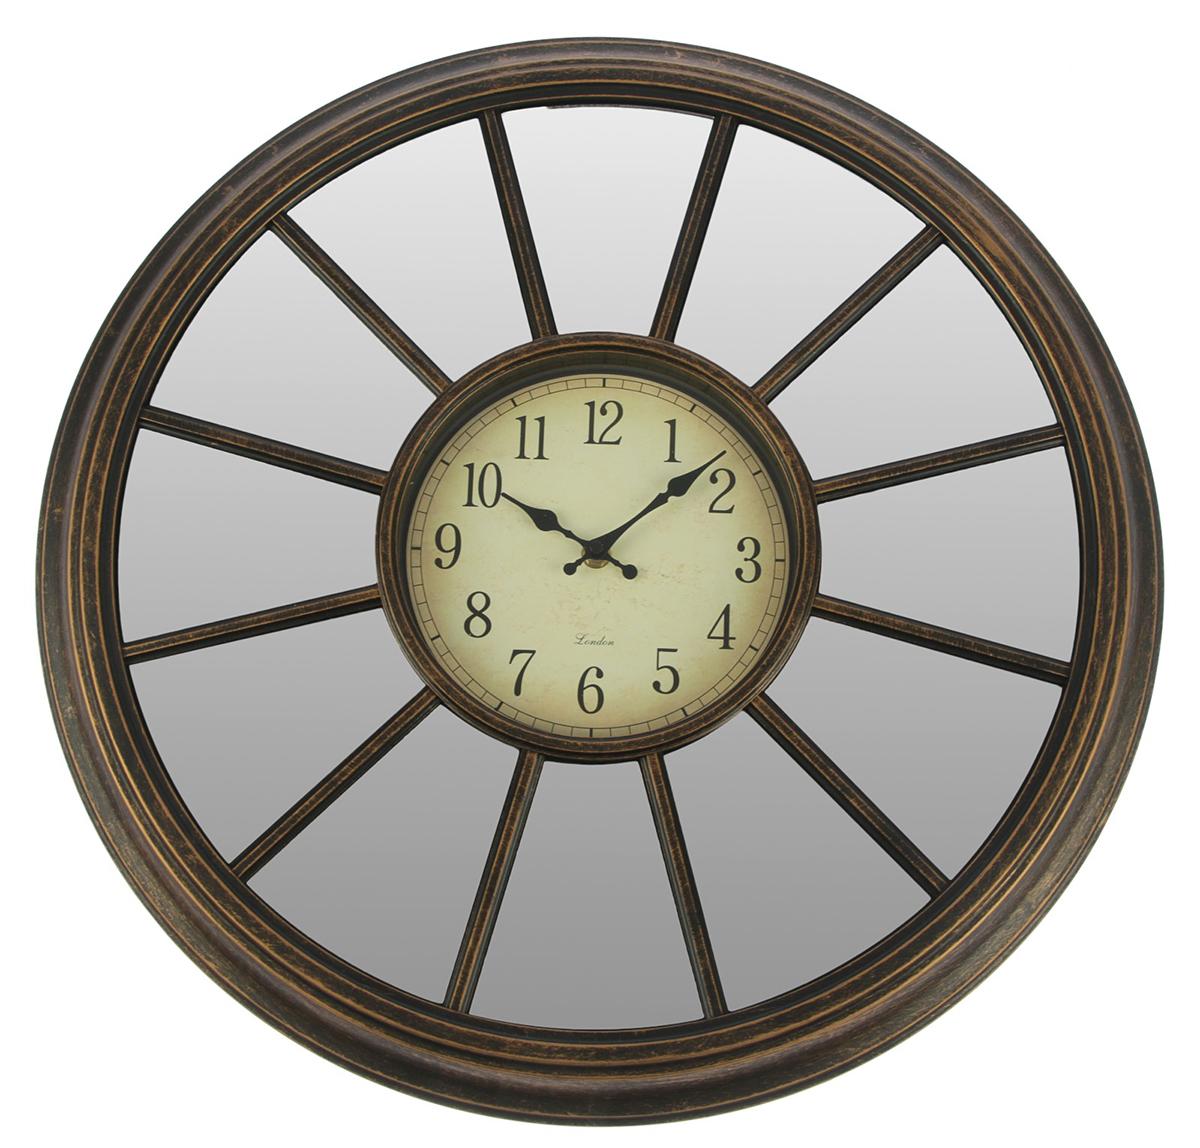 Часы настенные Зеркала, цвет: бронза, диаметр 50 см2770468Каждому хозяину периодически приходит мысль обновить свою квартиру, сделать ремонт, перестановку или кардинально поменять внешний вид каждой комнаты. — привлекательная деталь, которая поможет воплотить вашу интерьерную идею, создать неповторимую атмосферу в вашем доме. Окружите себя приятными мелочами, пусть они радуют глаз и дарят гармонию.Часы настенные. серия Зеркала, круг, 12 частей, циферблат под старину, цвет бронза, d=50см 2770468